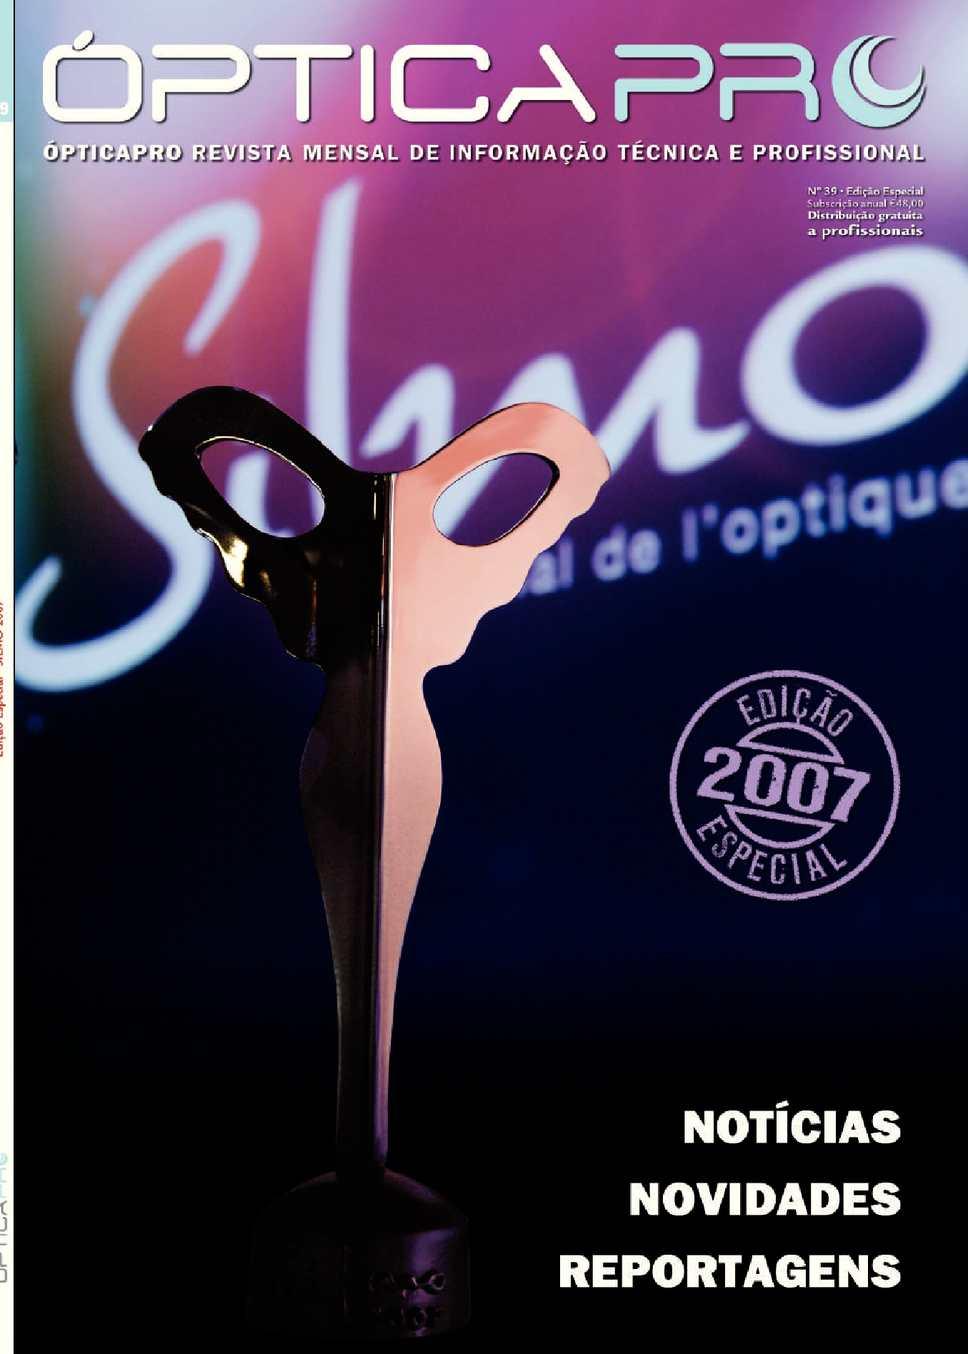 Calaméo - ÓpticaPro 39 aad9ee9587